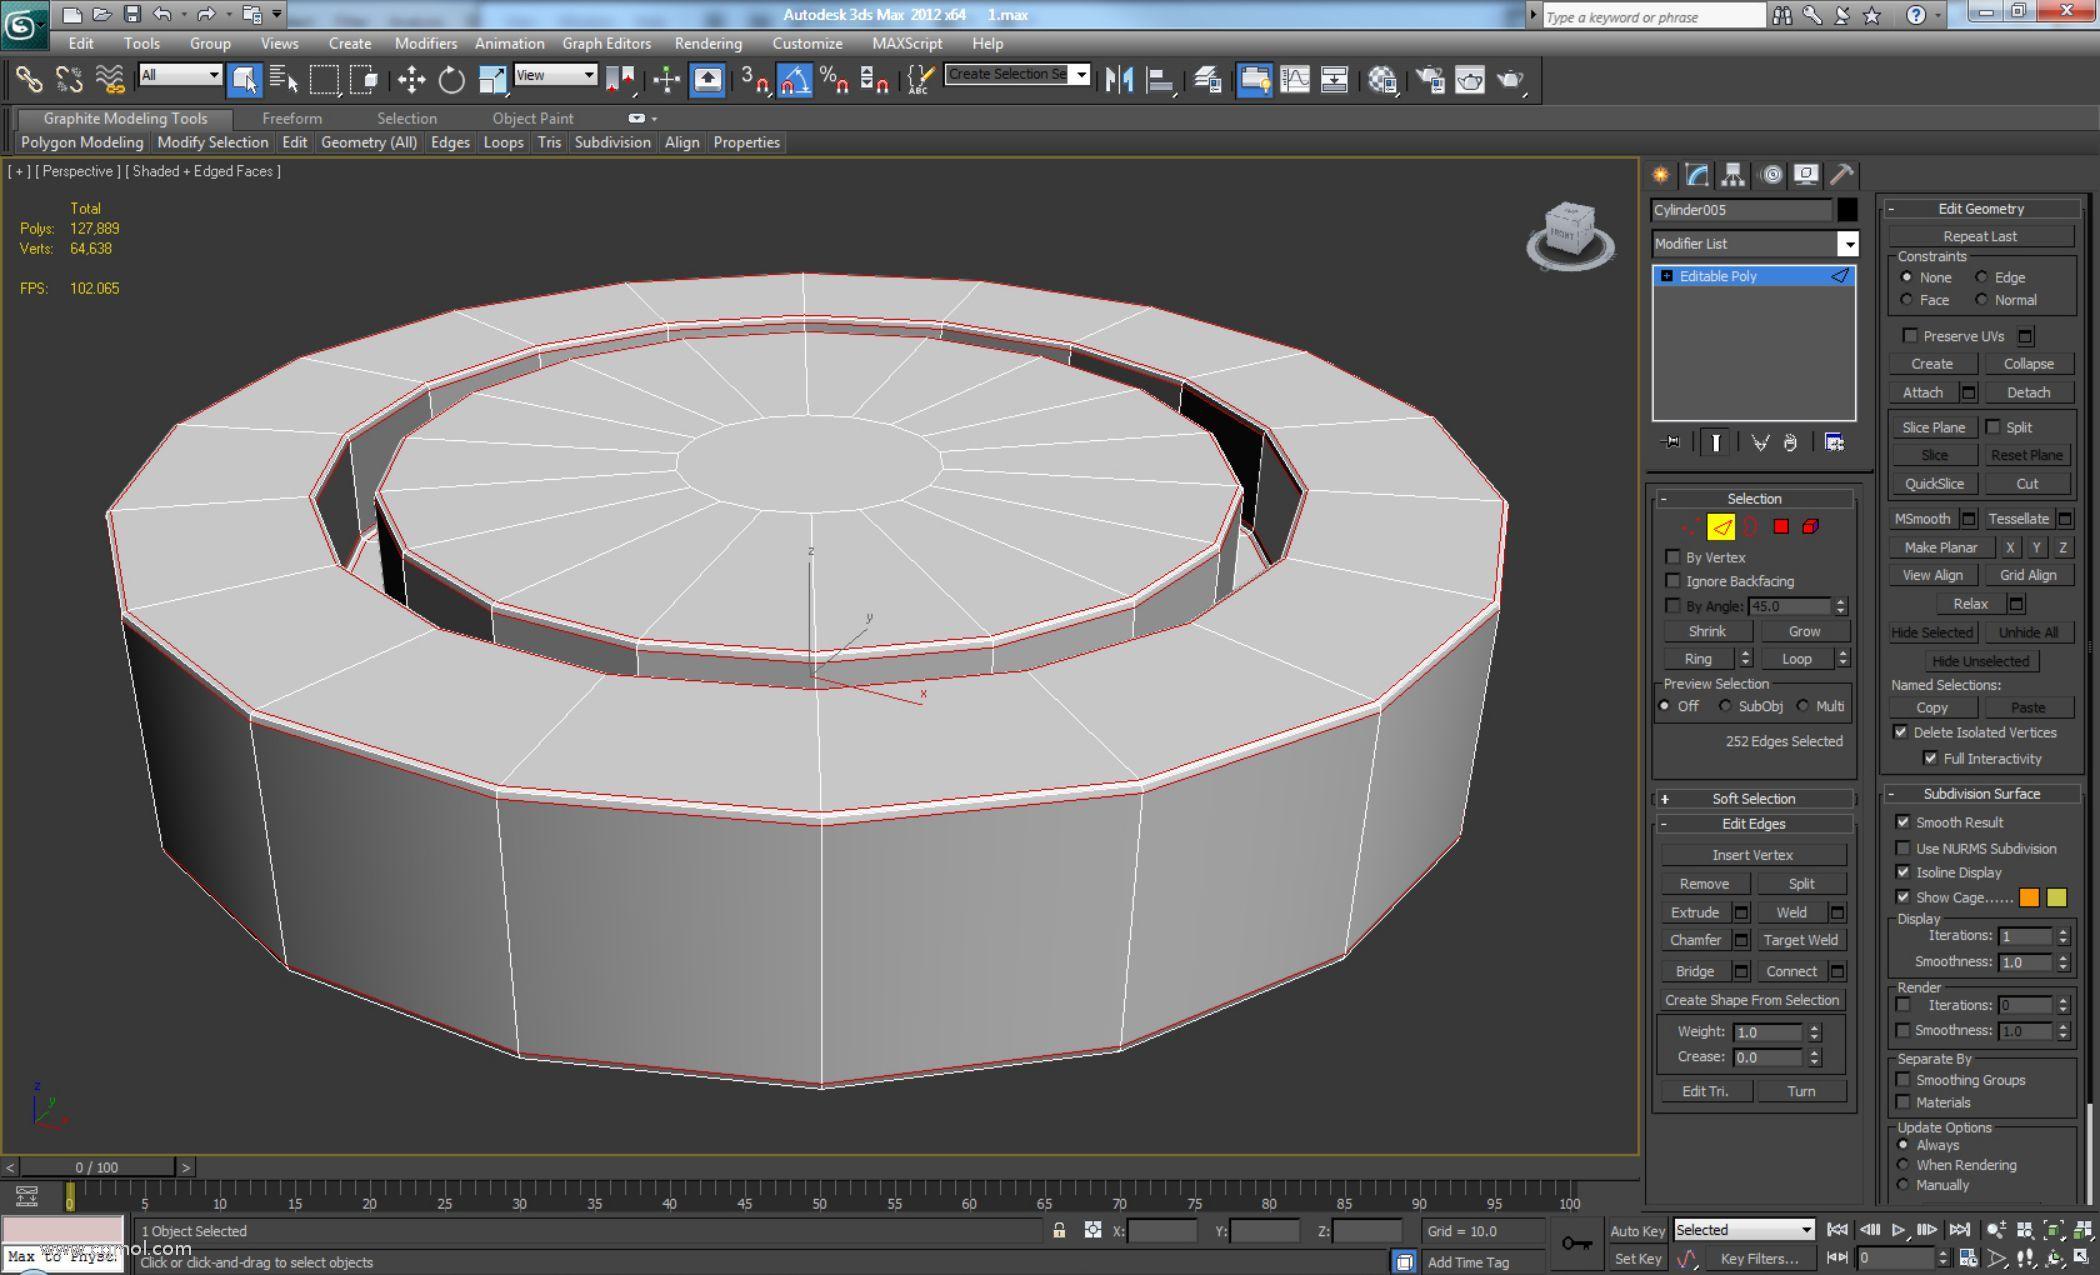 我们将使用具有较低值的Chamfer并将Connect Edge Segments设置为2,以便在平滑元素时获得良好的形状